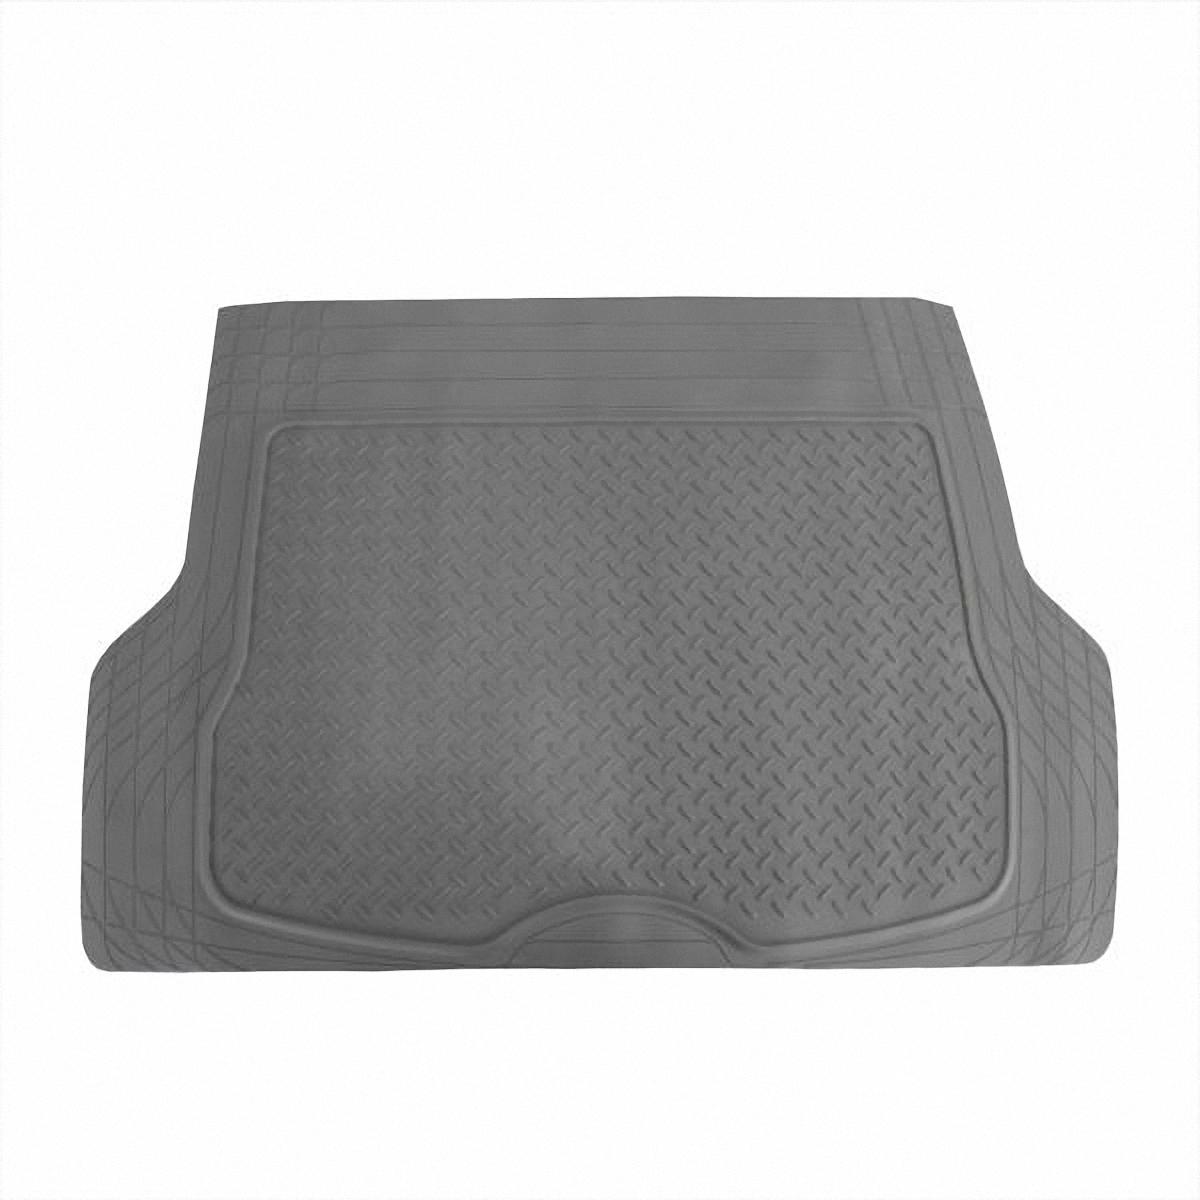 Коврик в салон автомобиля Skyway, в багажник, цвет: серый, 80 х 126,5 смS04701005Коврик сохраняет эластичность даже при экстремально низких и высоких температурах (от -50°С до +50°С). Обладает повышенной устойчивостью к износу и агрессивным средам, таким как антигололёдные реагенты, масло и топливо. Усовершенствованная конструкция изделия обеспечивает плотное прилегание и надёжную фиксацию коврика на полу автомобиля. Размер: 80 х 126,5 см.